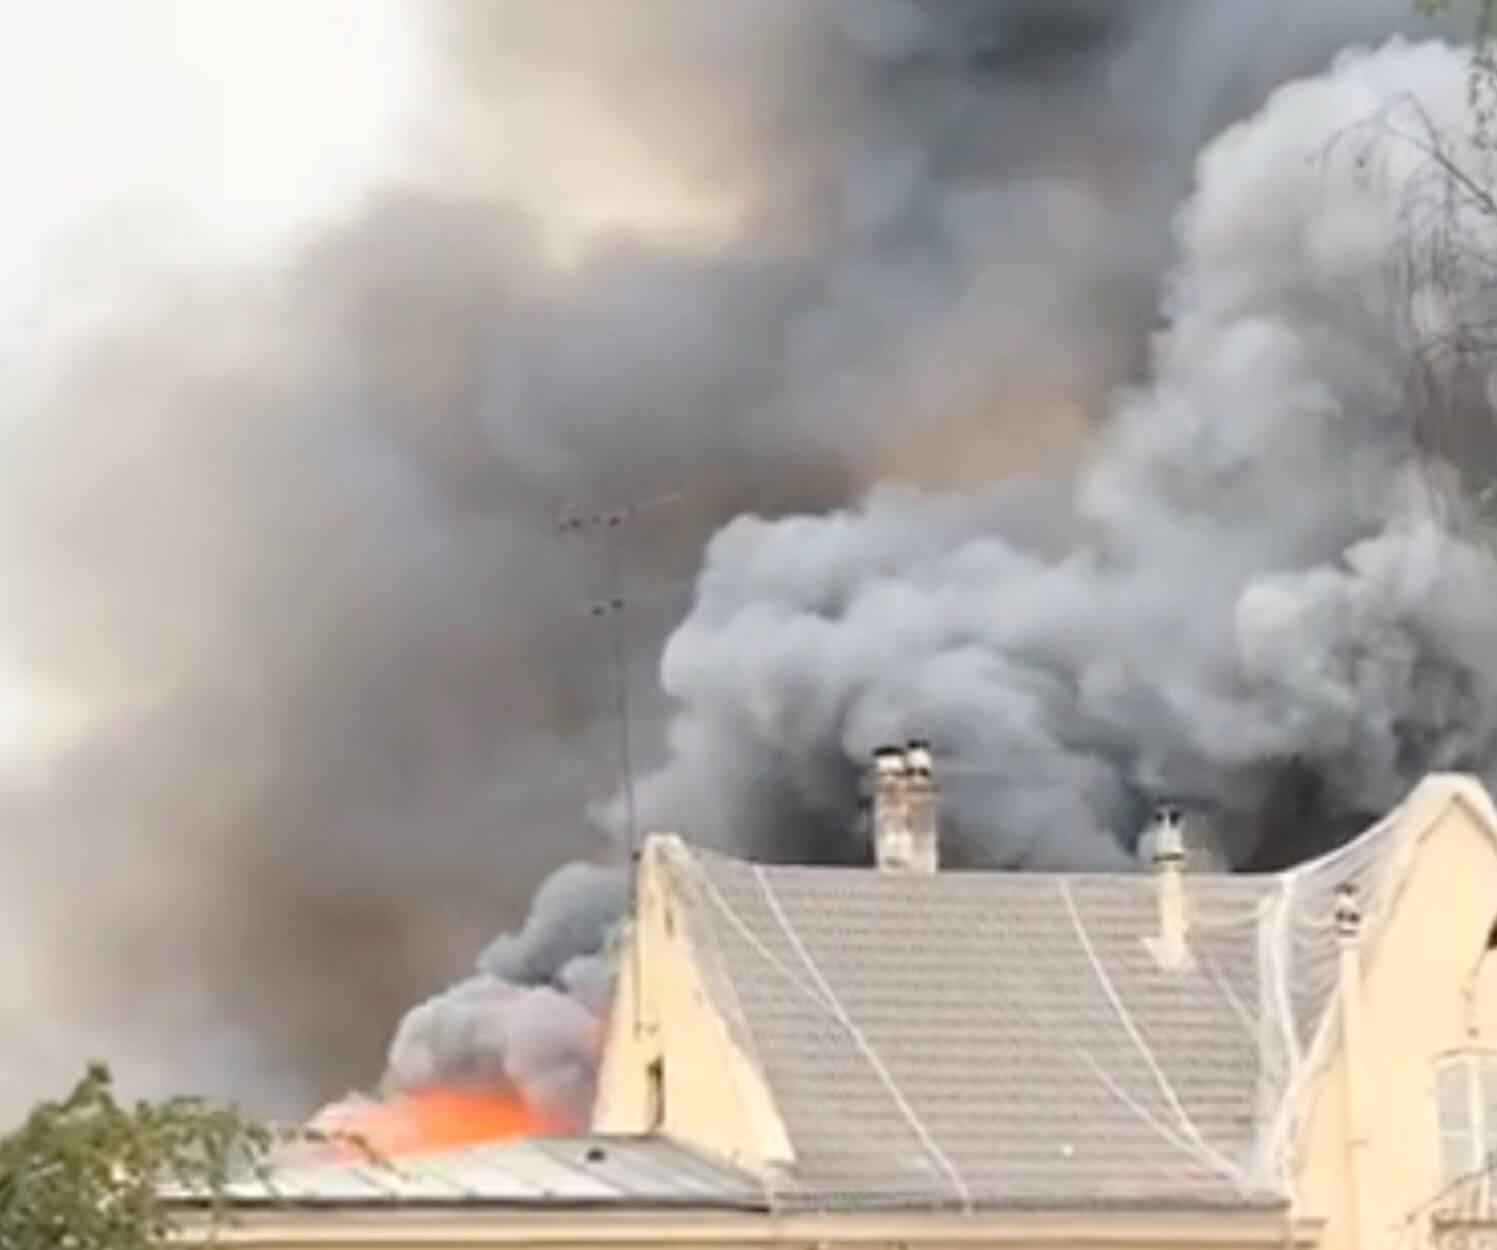 """Τρόμαξαν από τη νέα μεγάλη πυρκαγιά μια """"ανάσα"""" από τα Ανάκτορα των Βερσαλιών!"""